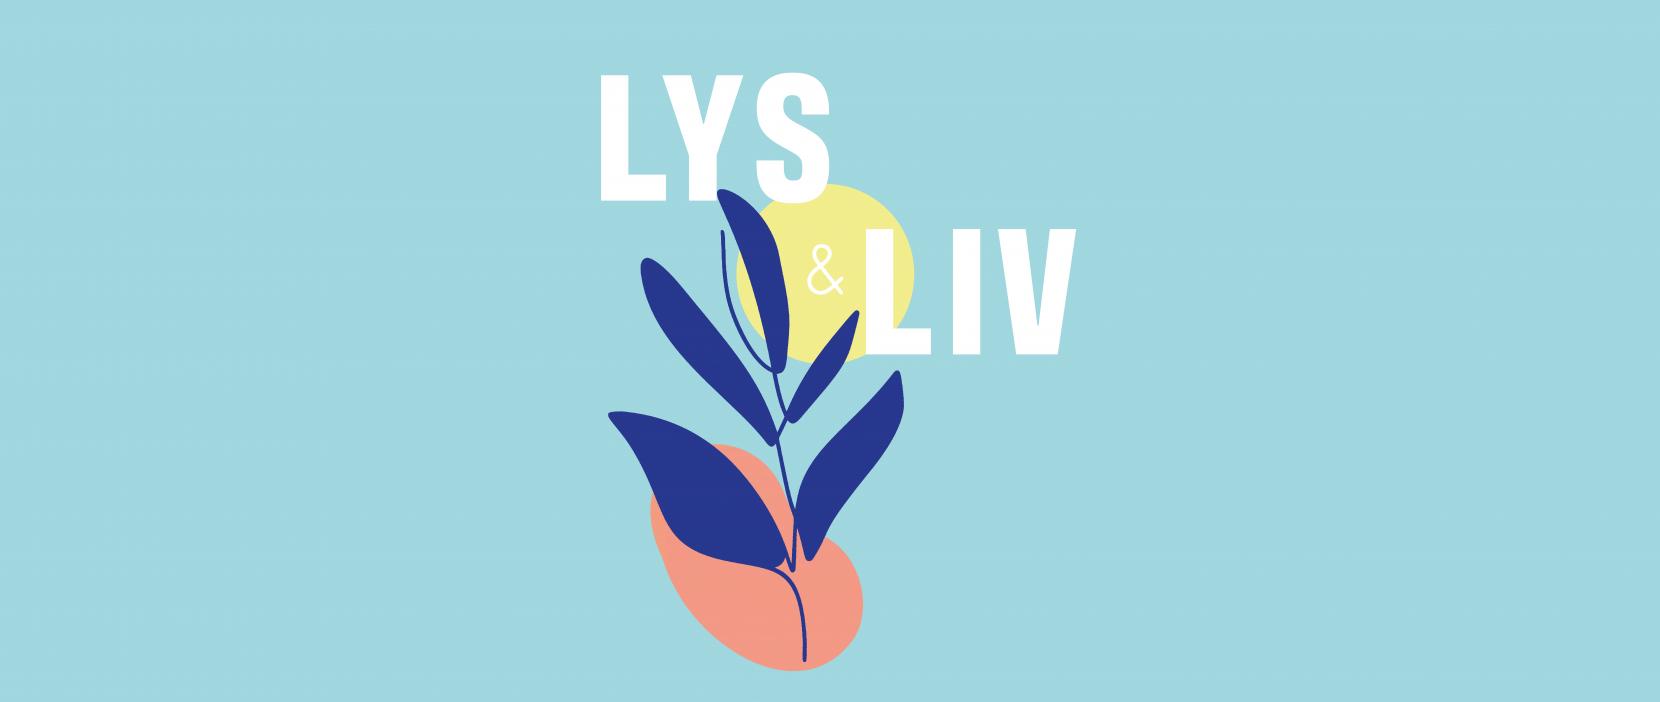 Lys og liv logo